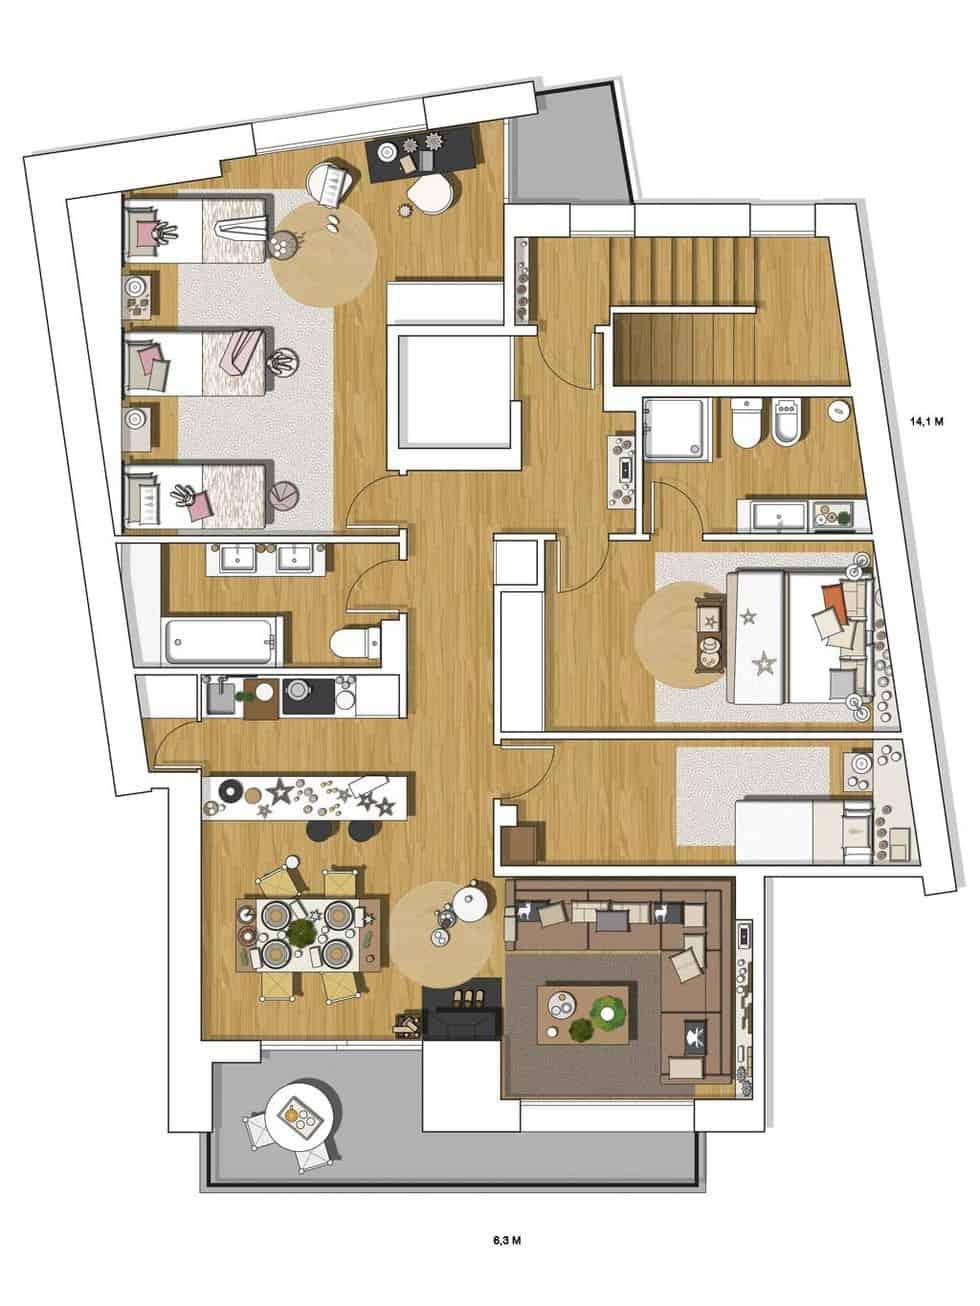 cozy-cabin-spain-floor-plan